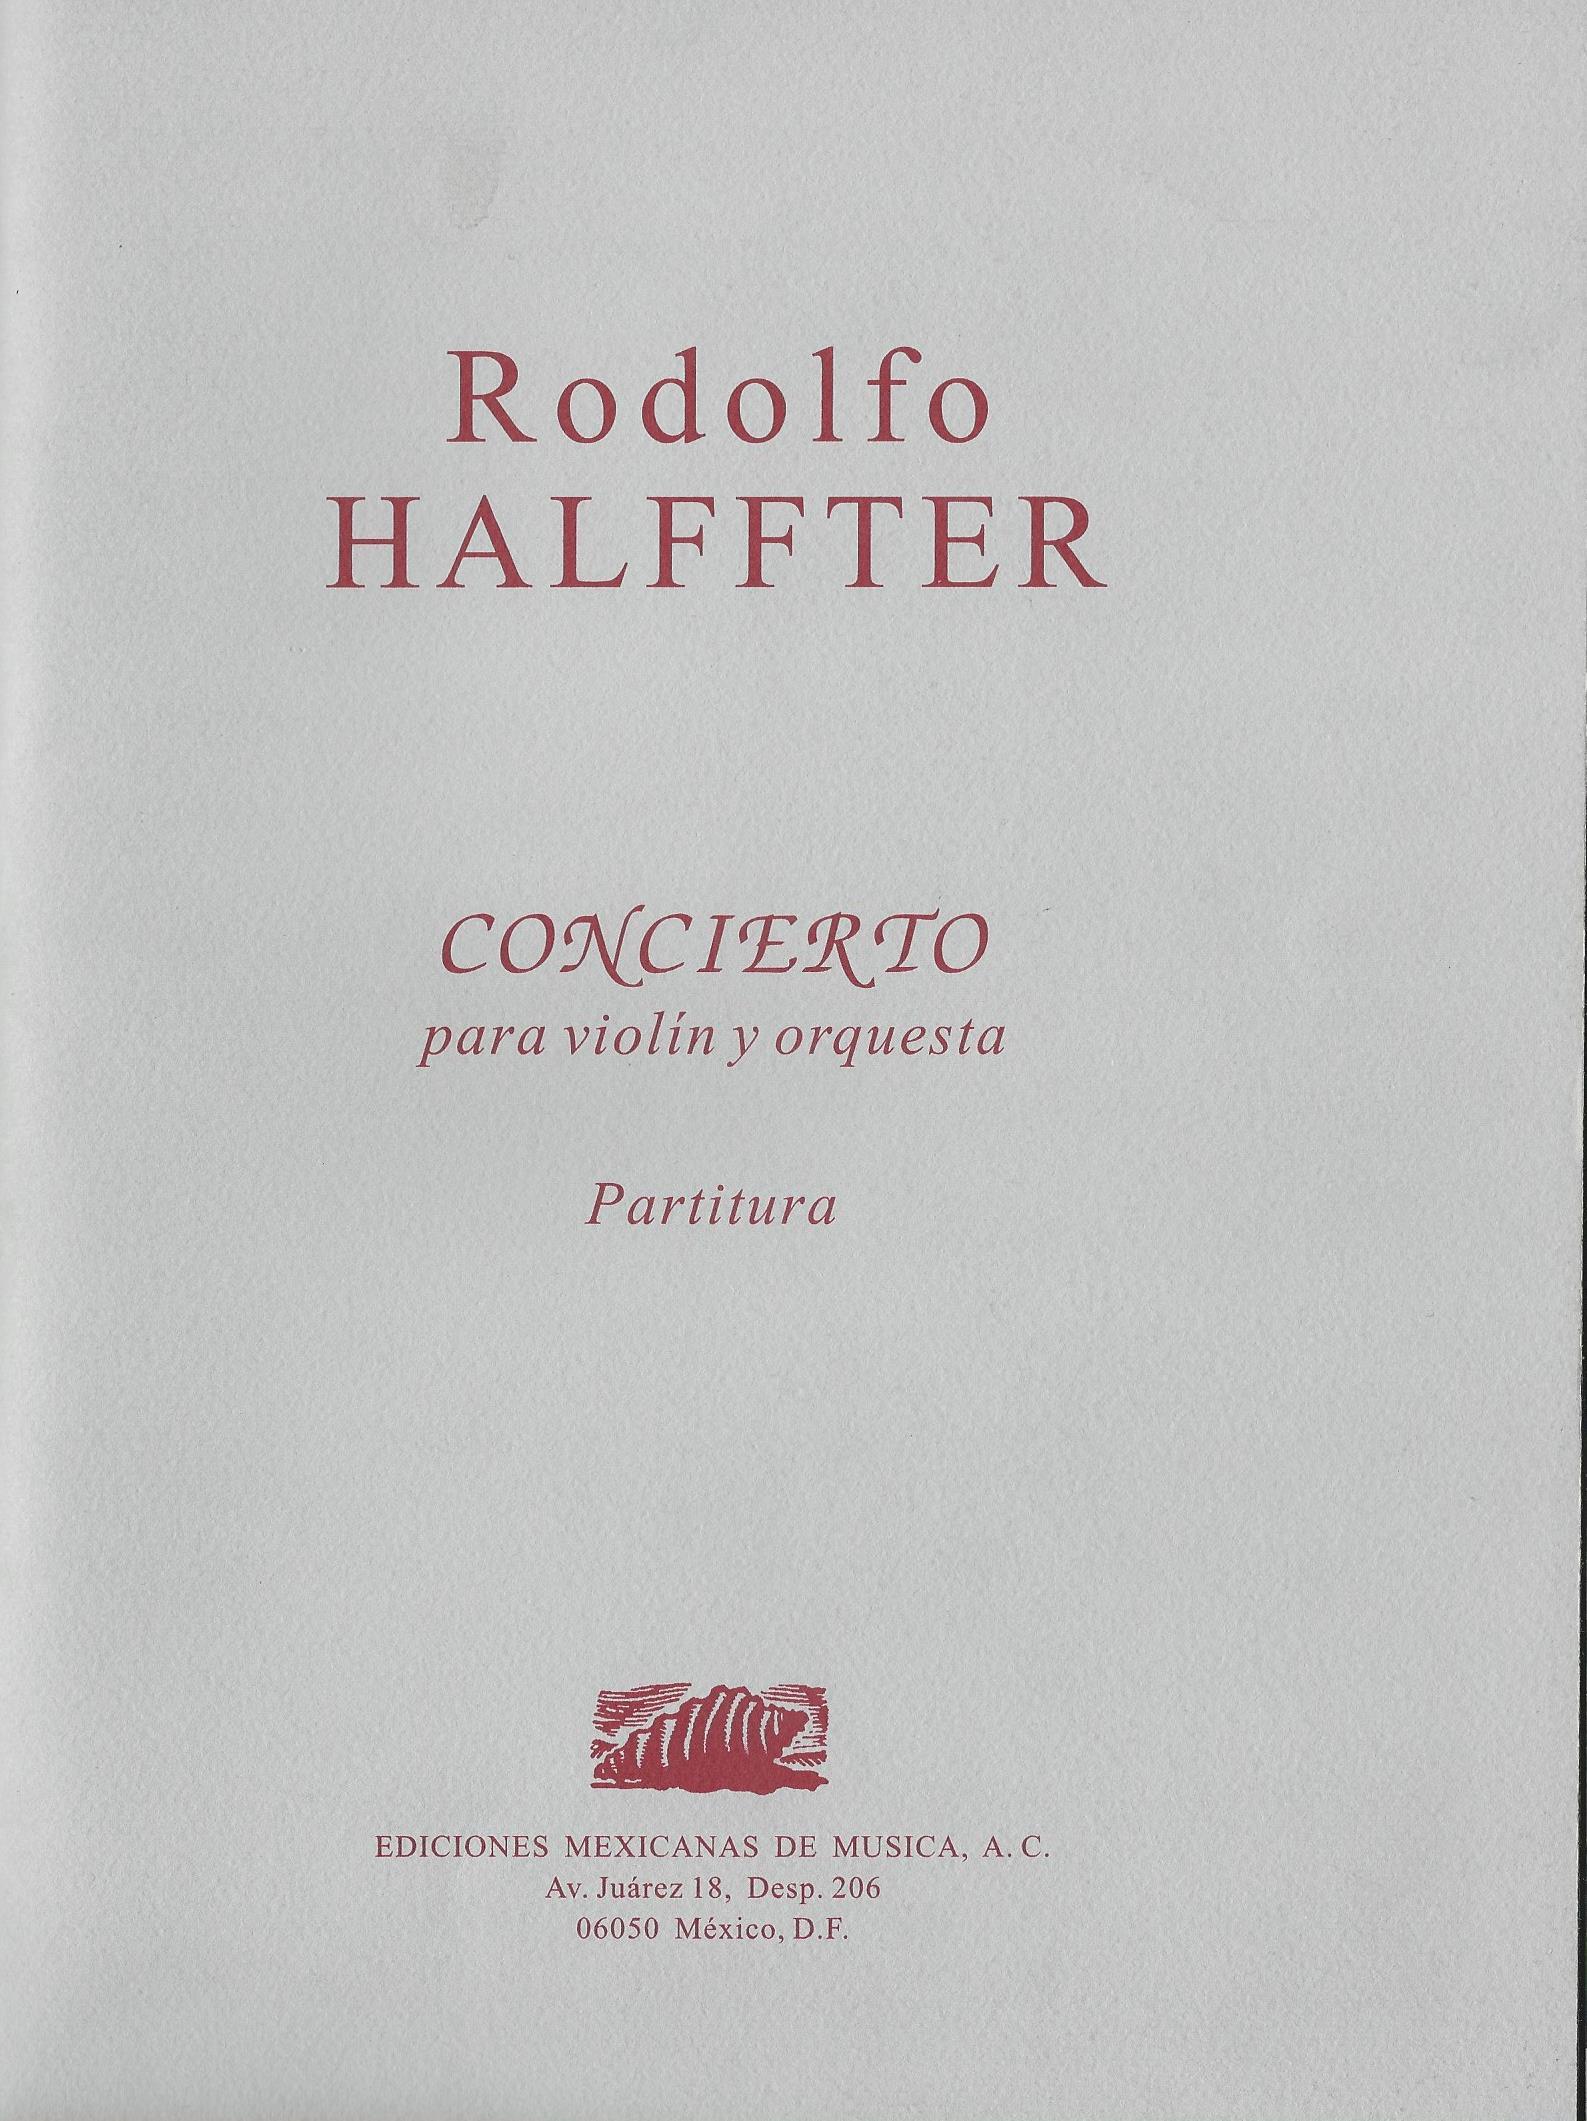 HALFFTER_RODOLFO_-_Concierto_para_violín_y_orquesta_01.jpg